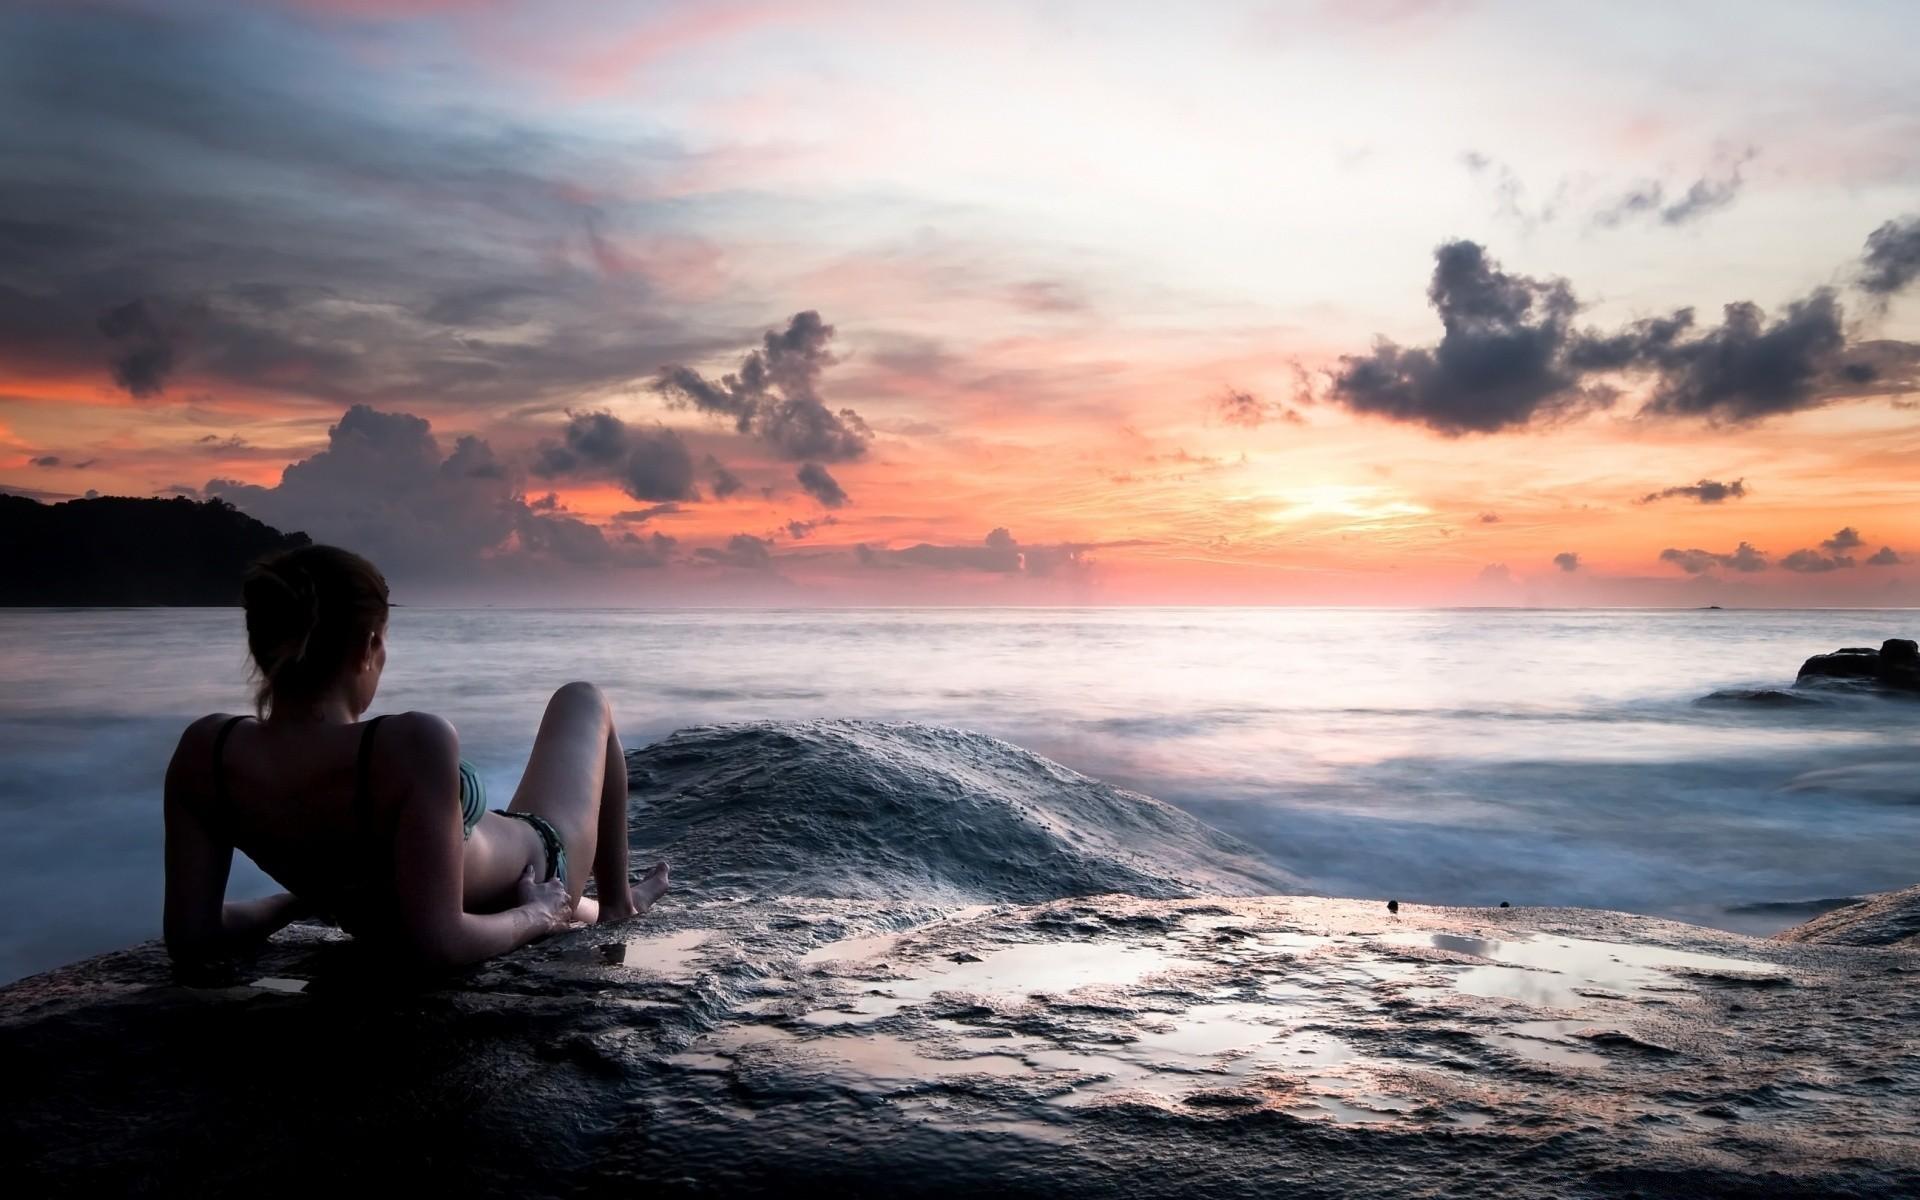 Фотоэротика на фоне морского заката